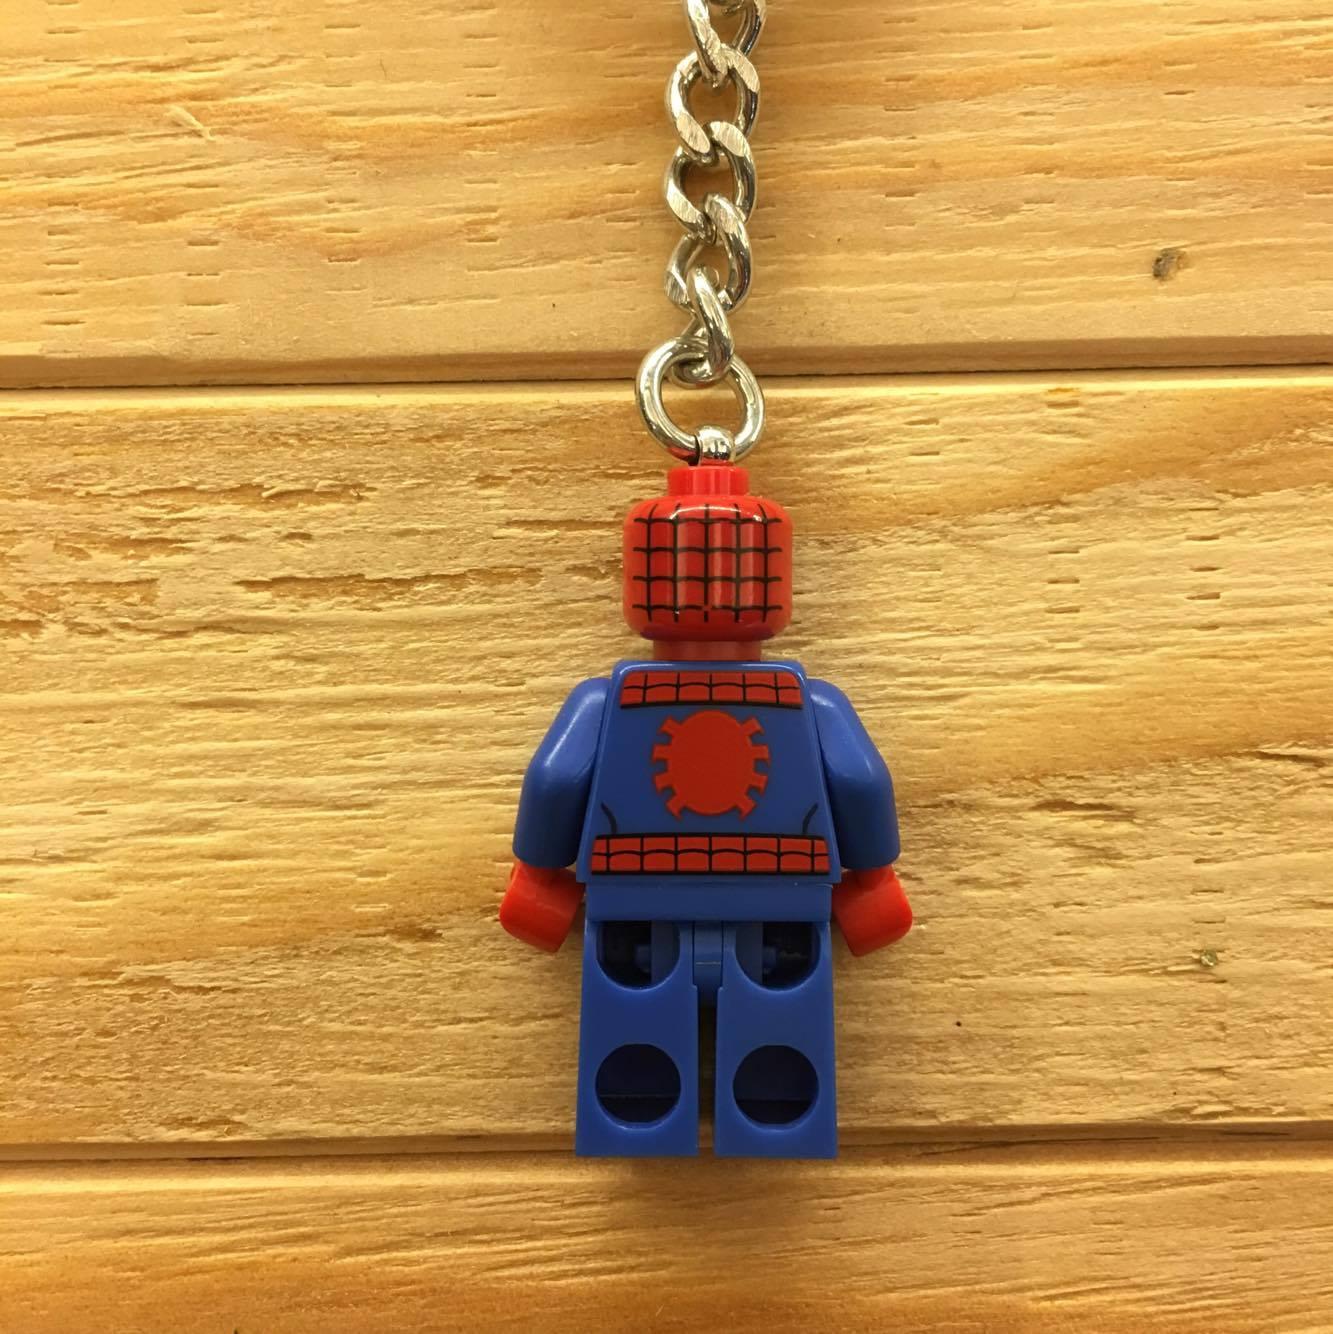 BEETLE LEGO SUPER HEROES SPIDER MAN 蜘蛛人 彼得 班傑明 樂高 積木 鑰匙圈 玩具 2